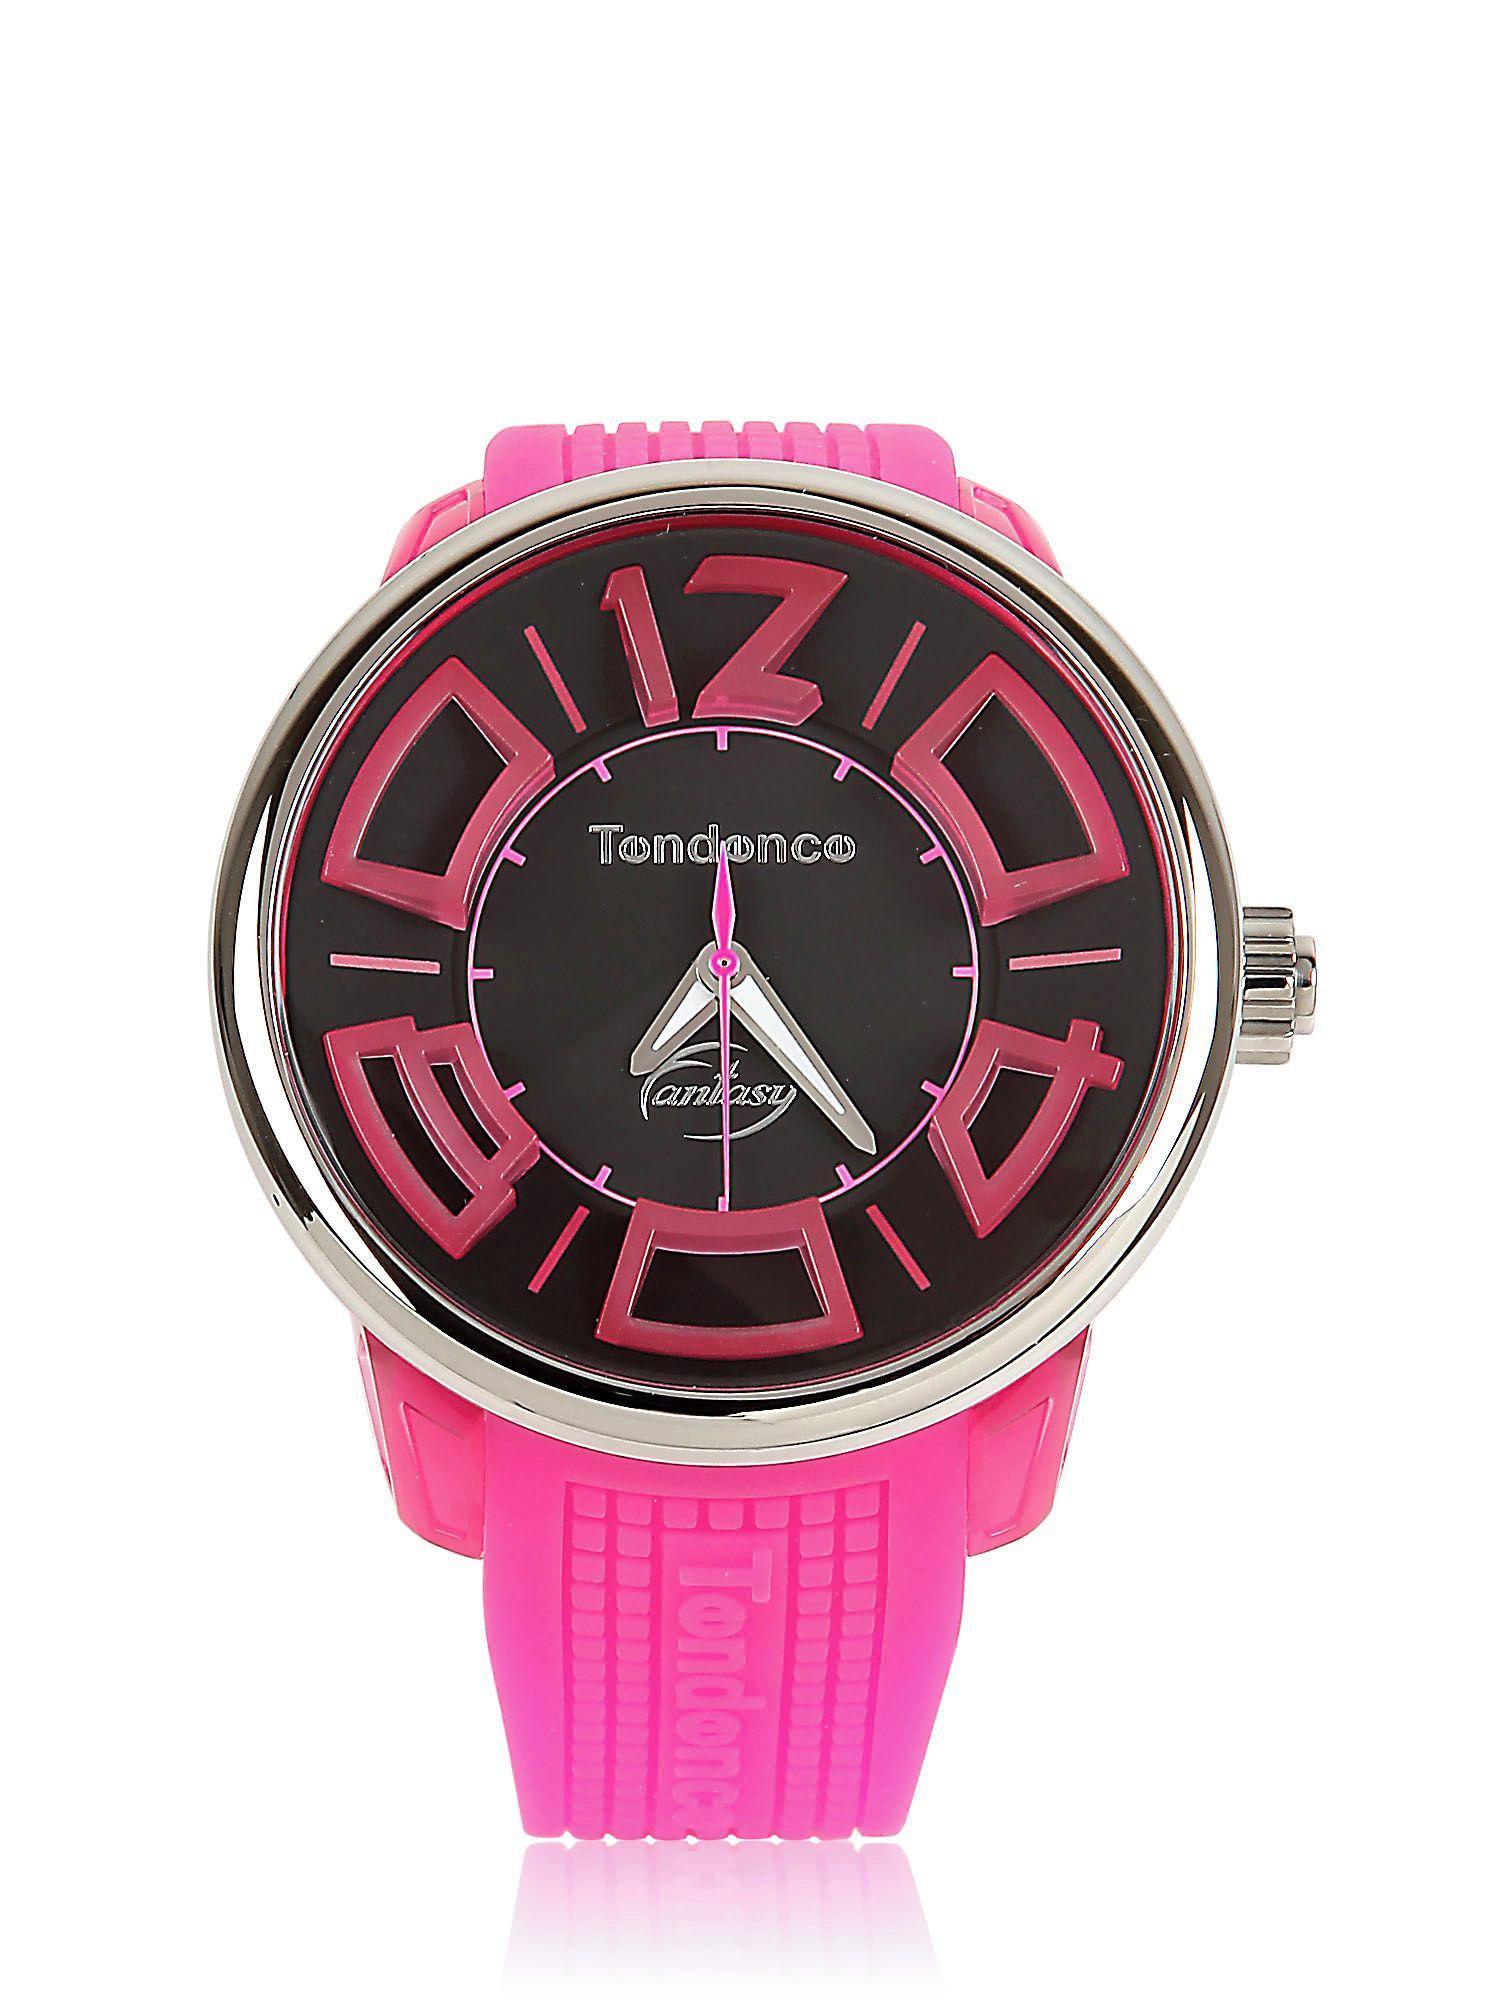 9a69d7375e98 Reloj Fantasy Fluorescente Tendence de color Rosa - Lyst